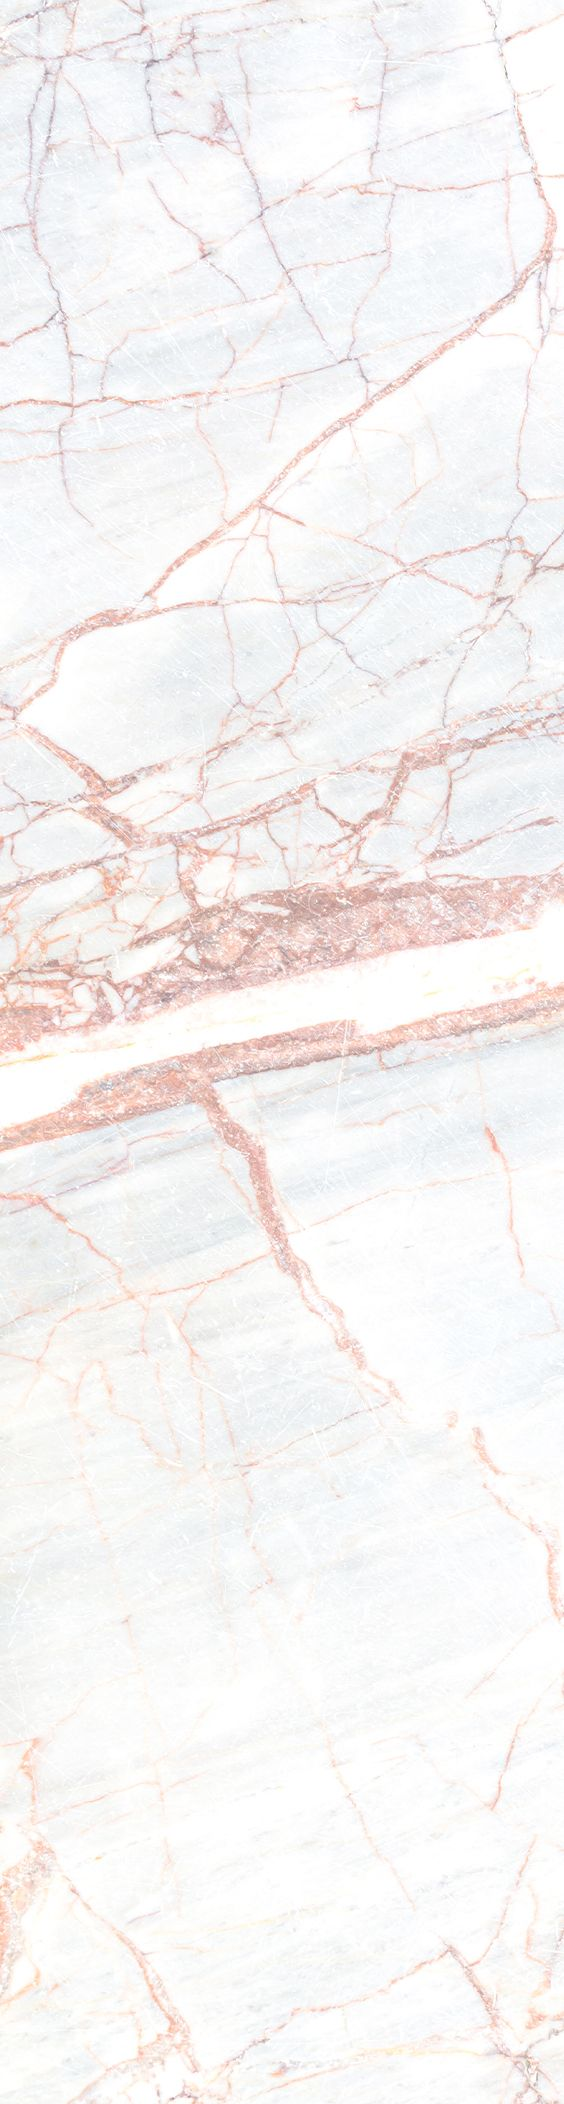 Wonderful Wallpaper Marble Peach - 8235b4c7e580ae53032bdf548023773a  Pic_431142.jpg